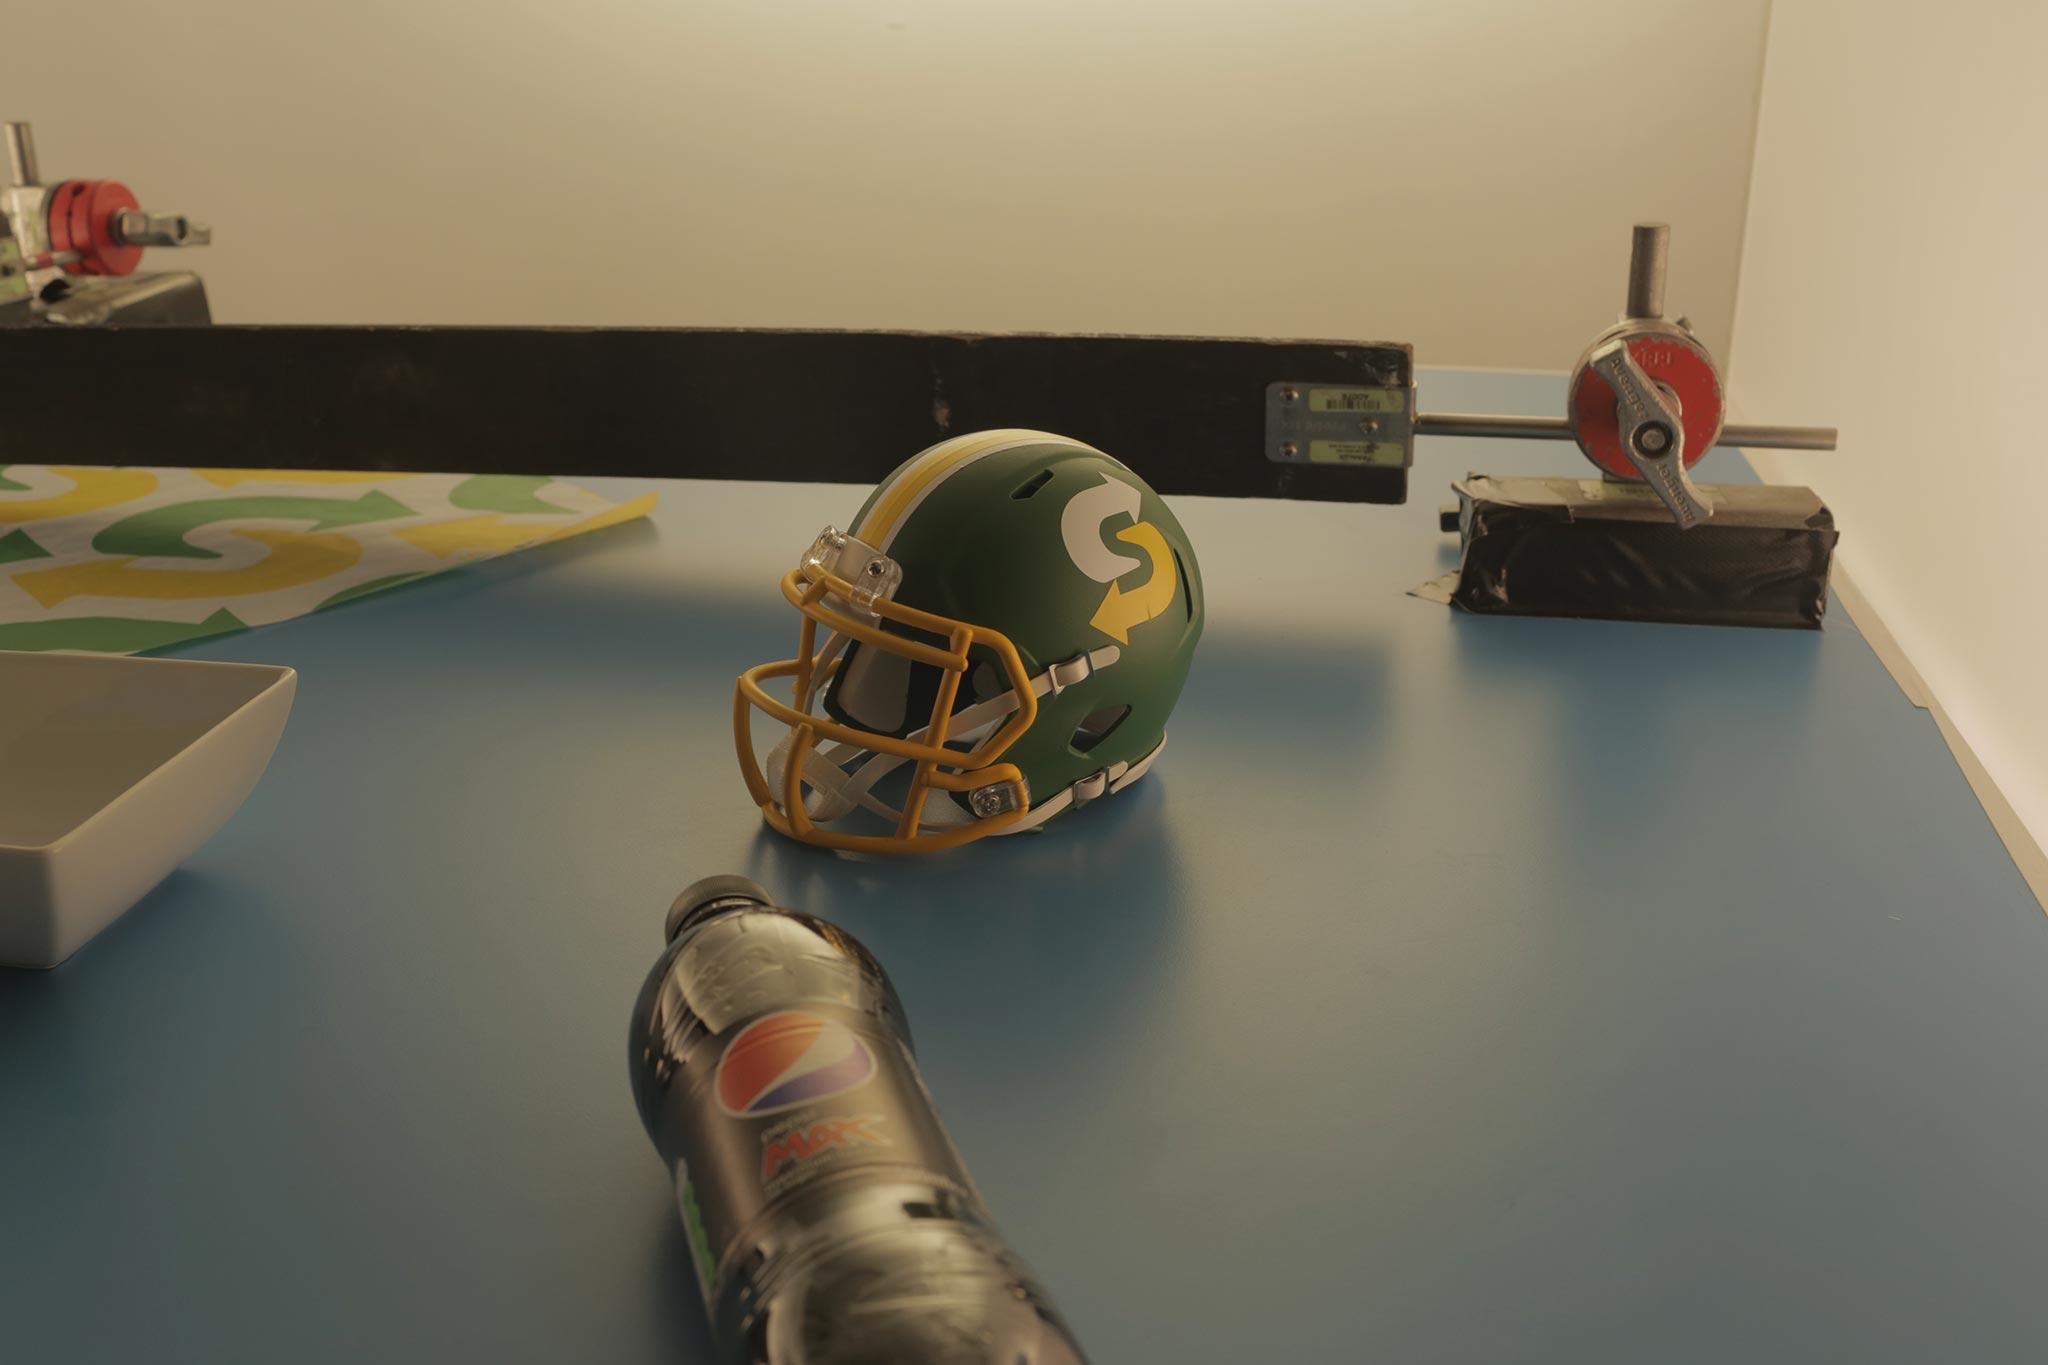 Subway NFL helmet on animation stage